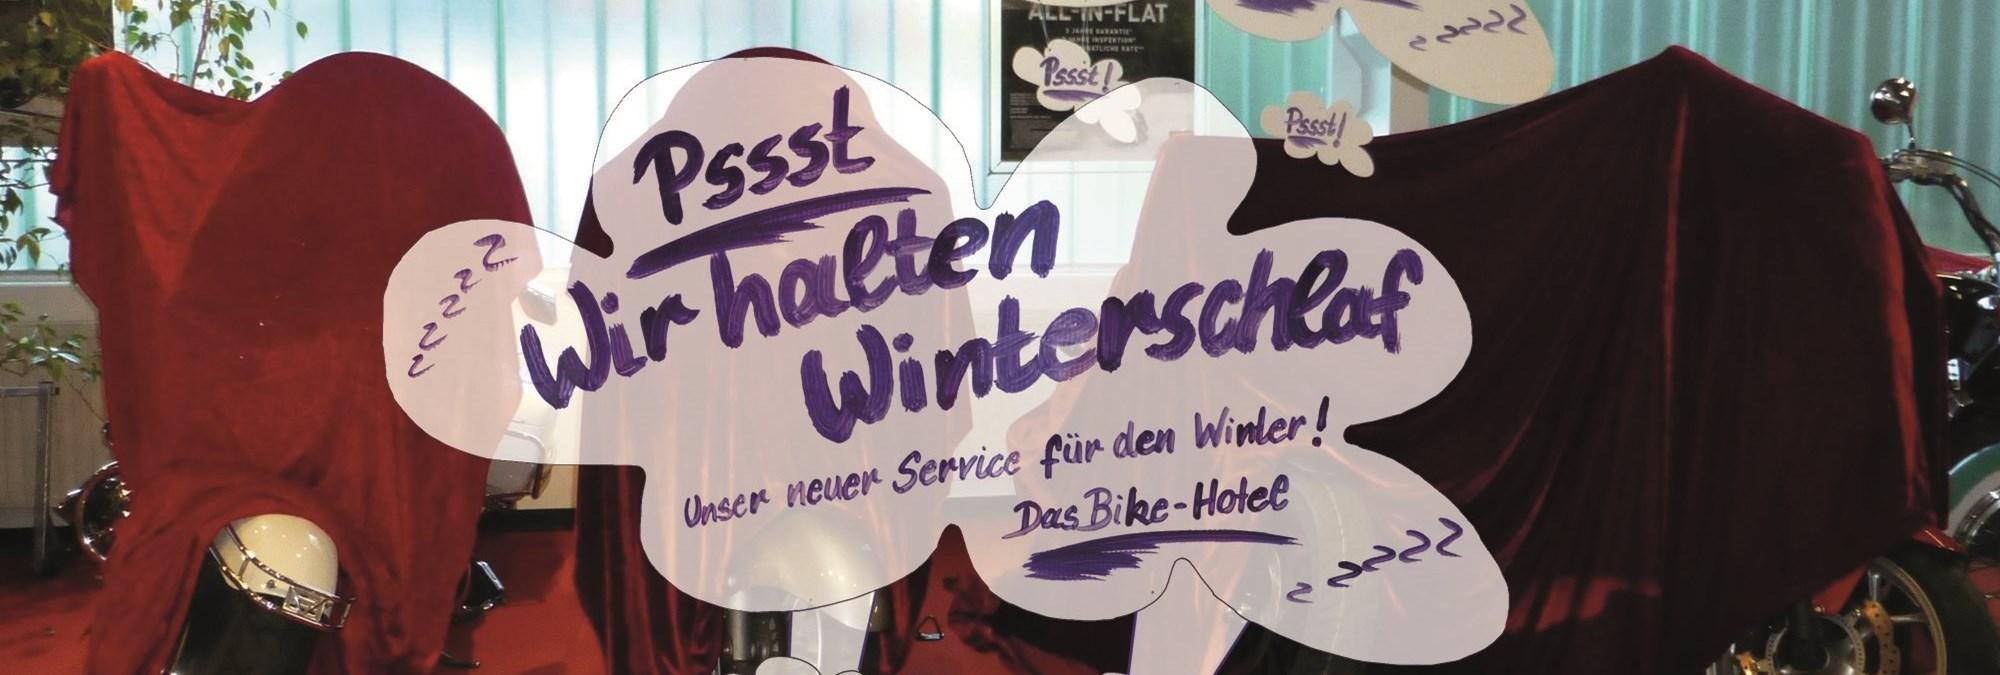 Bike-Hotel - begrenzte Stückzahl